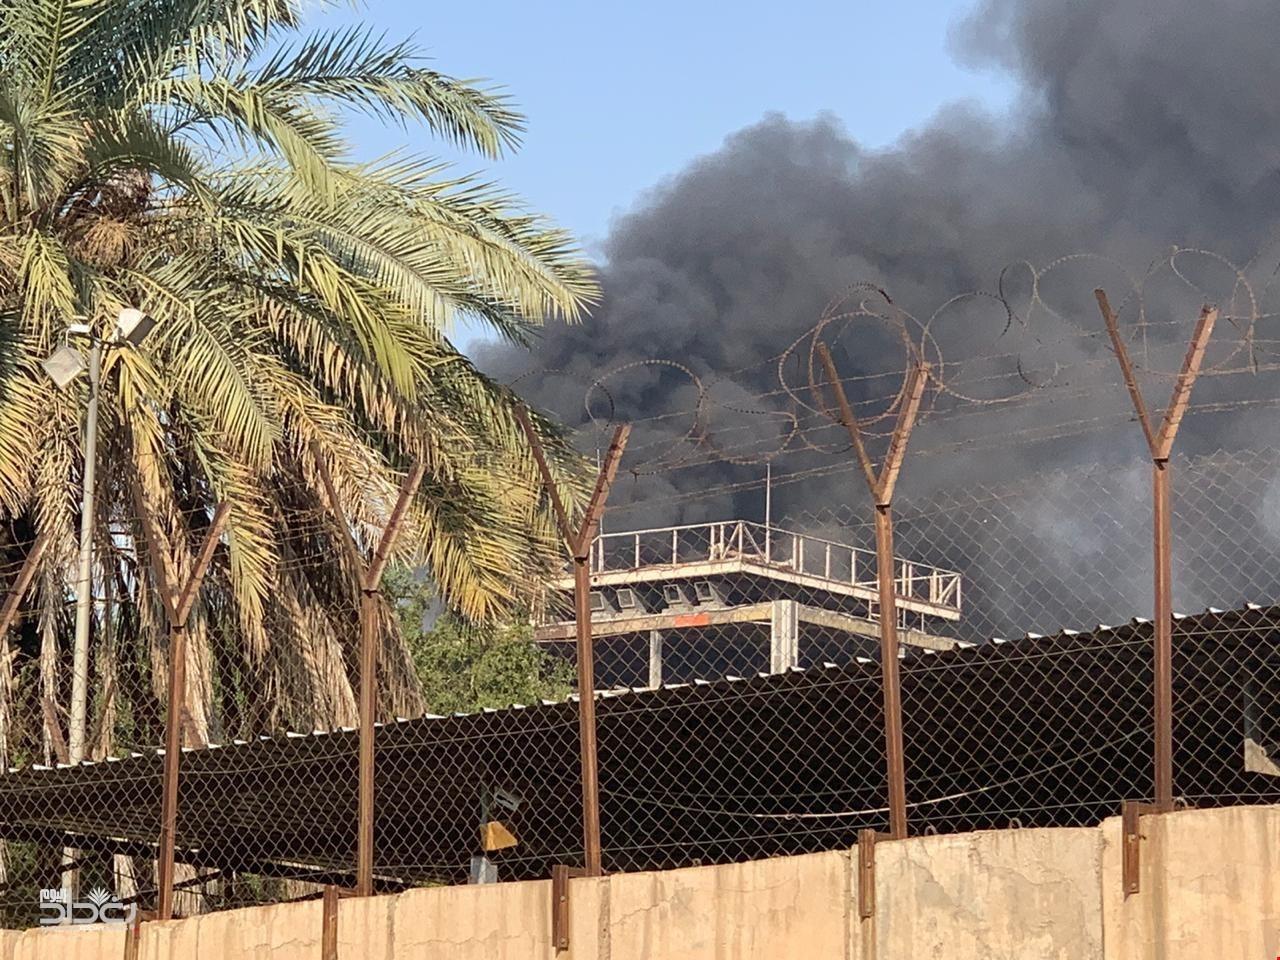 اندلاع حريق في مبنى مسرح الرشيد وسط العاصمة العراقية بغداد